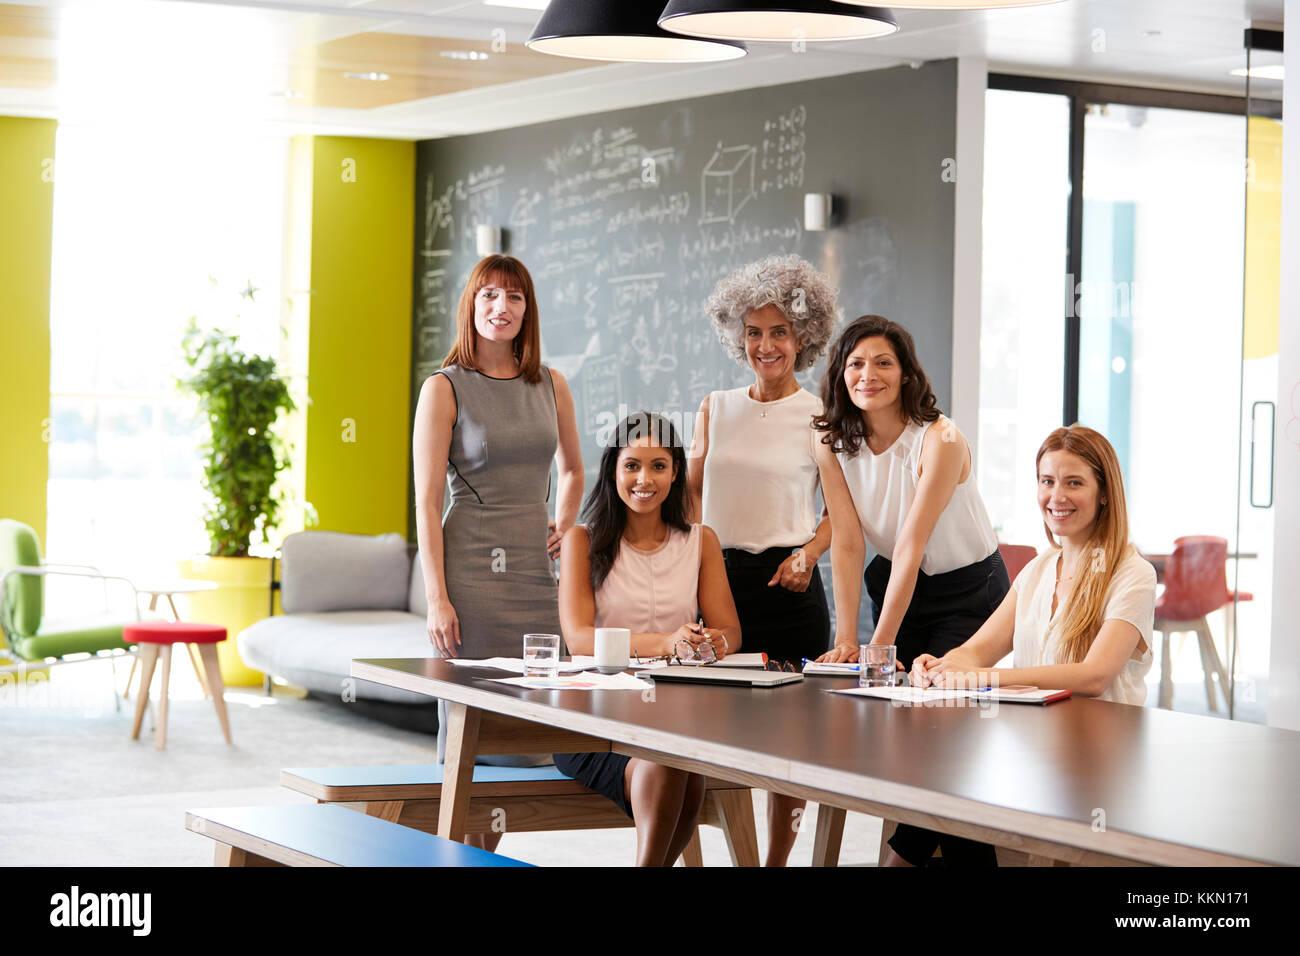 Fünf weiblichen Kollegen bei einem Arbeitstreffen lächelnd in die Kamera Stockfoto